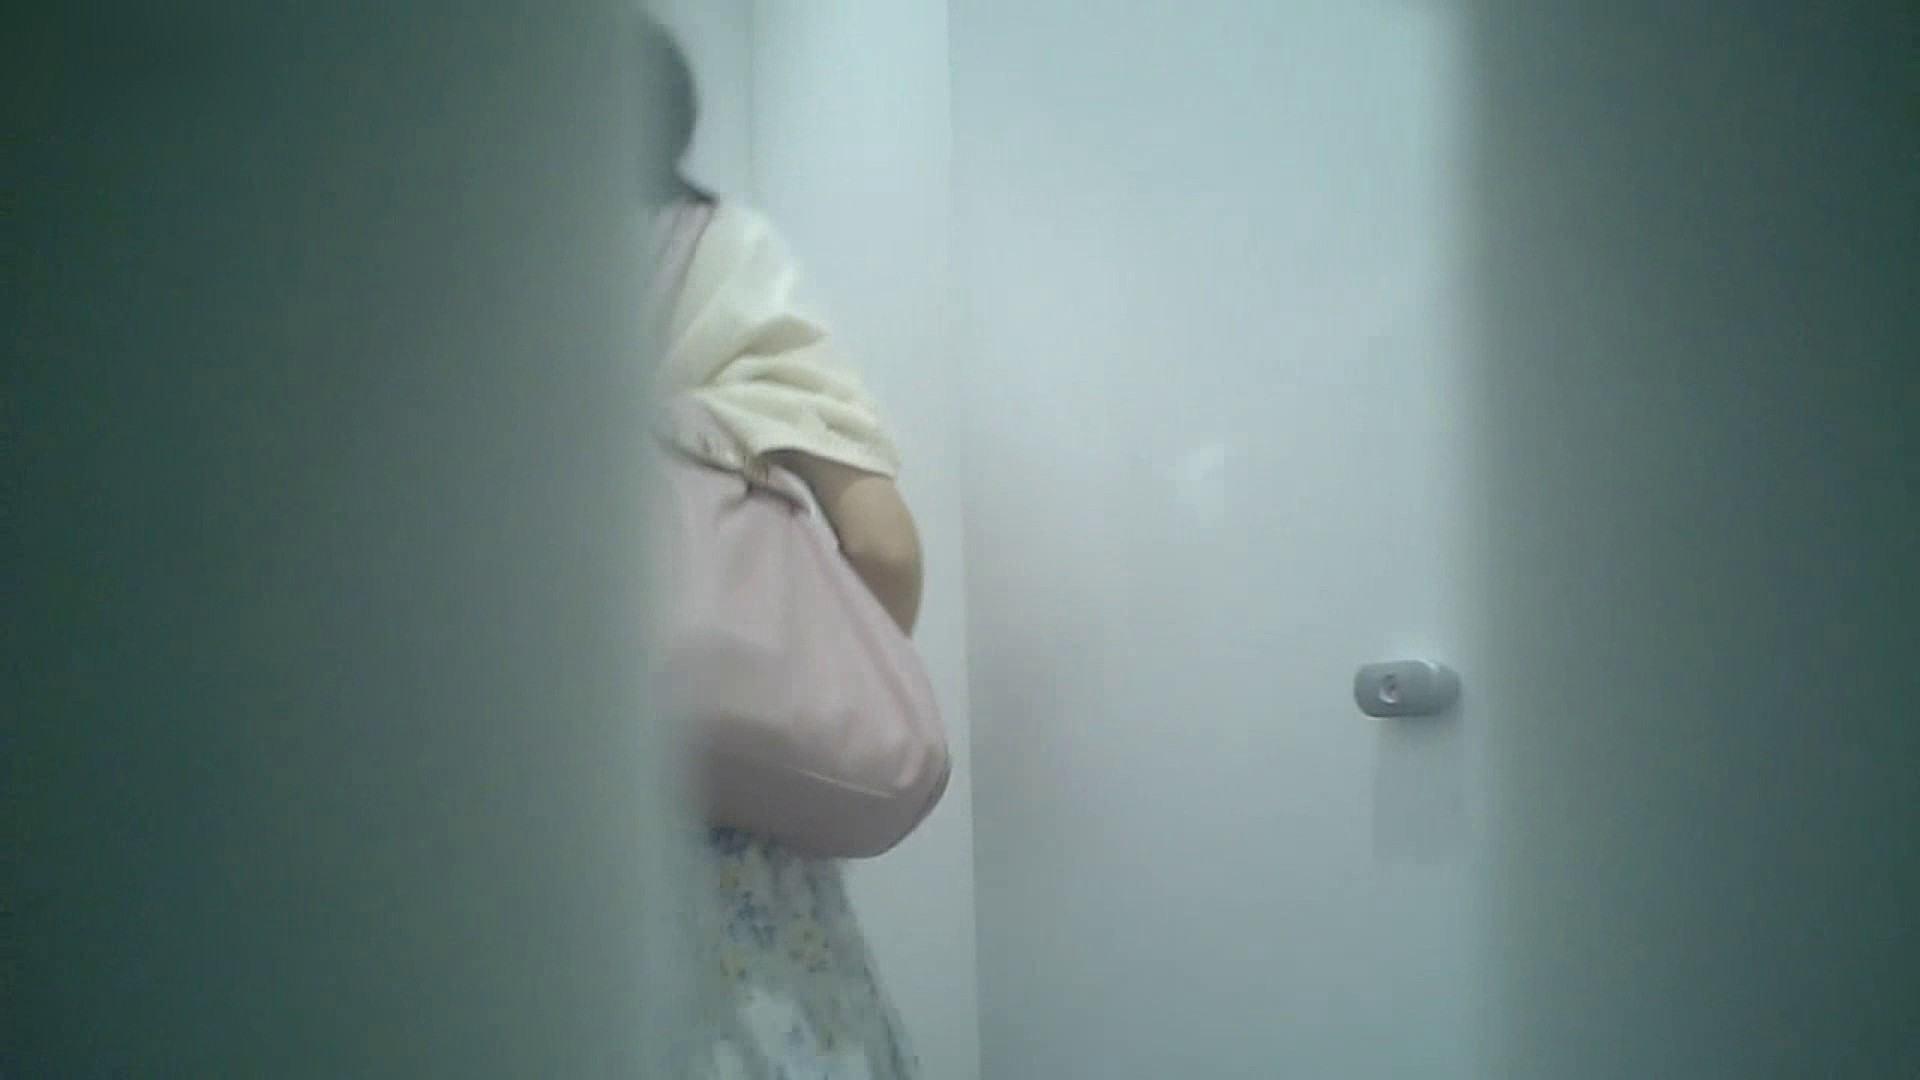 有名大学女性洗面所 vol.40 ??おまじない的な動きをする子がいます。 洗面所突入 | 潜入突撃  81pic 51